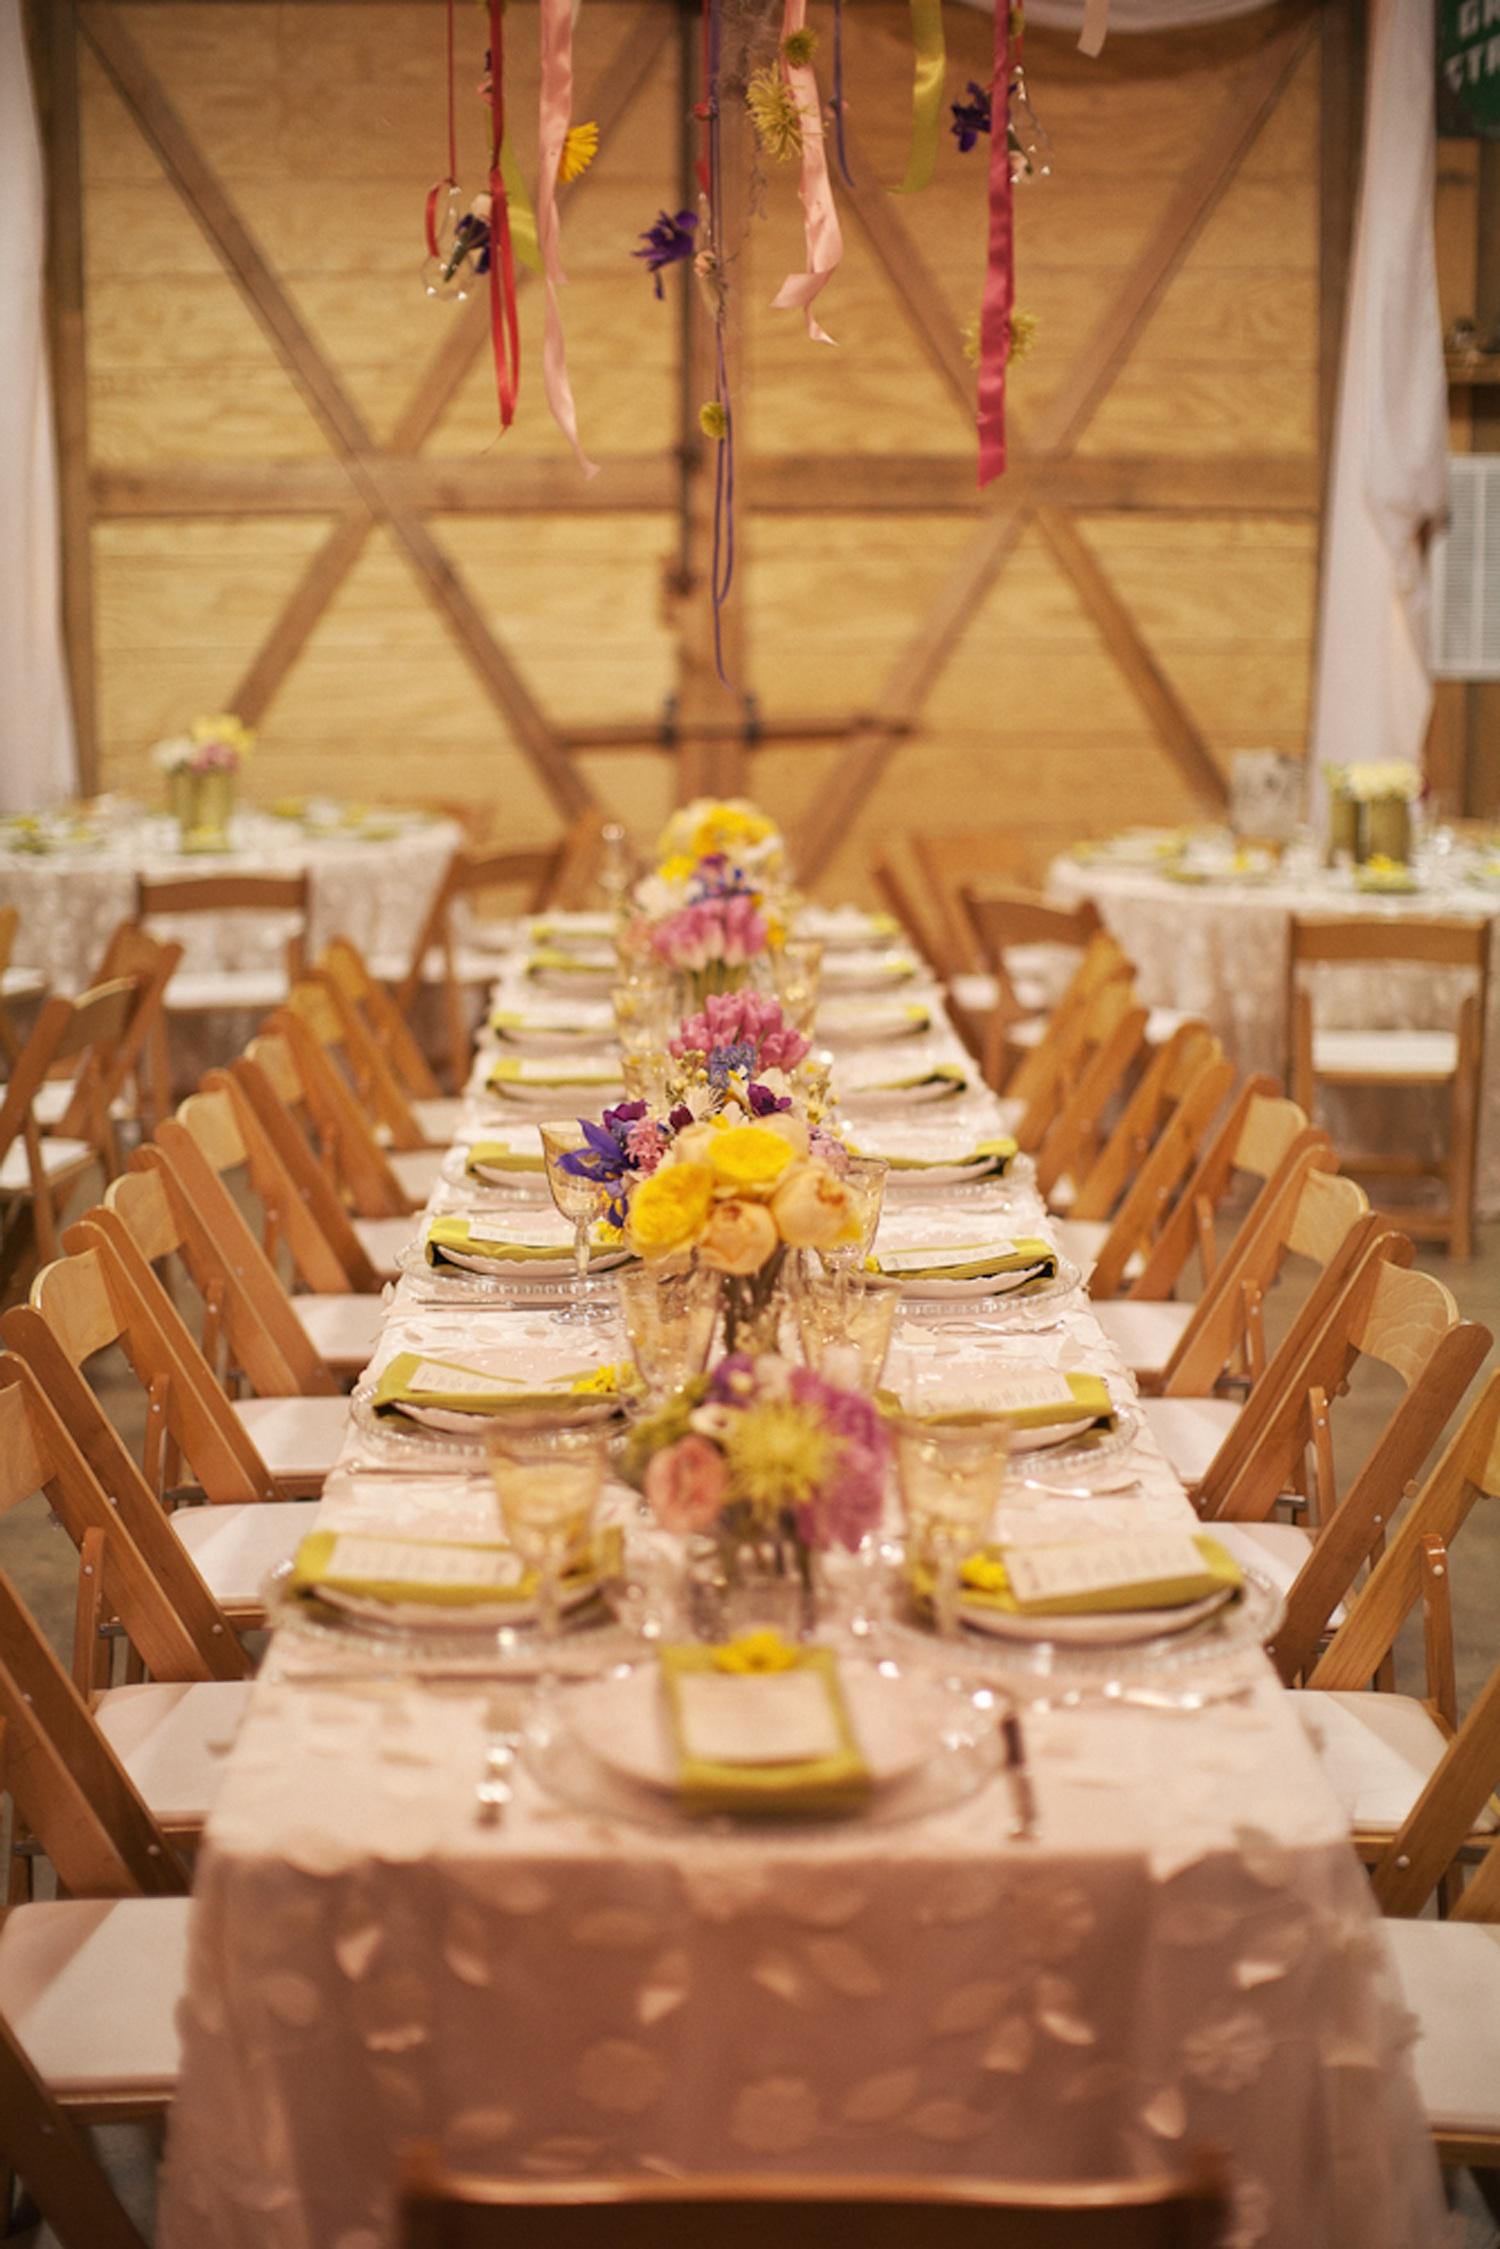 Country chic wedding reception venue tablescape for Wedding reception ideas for spring